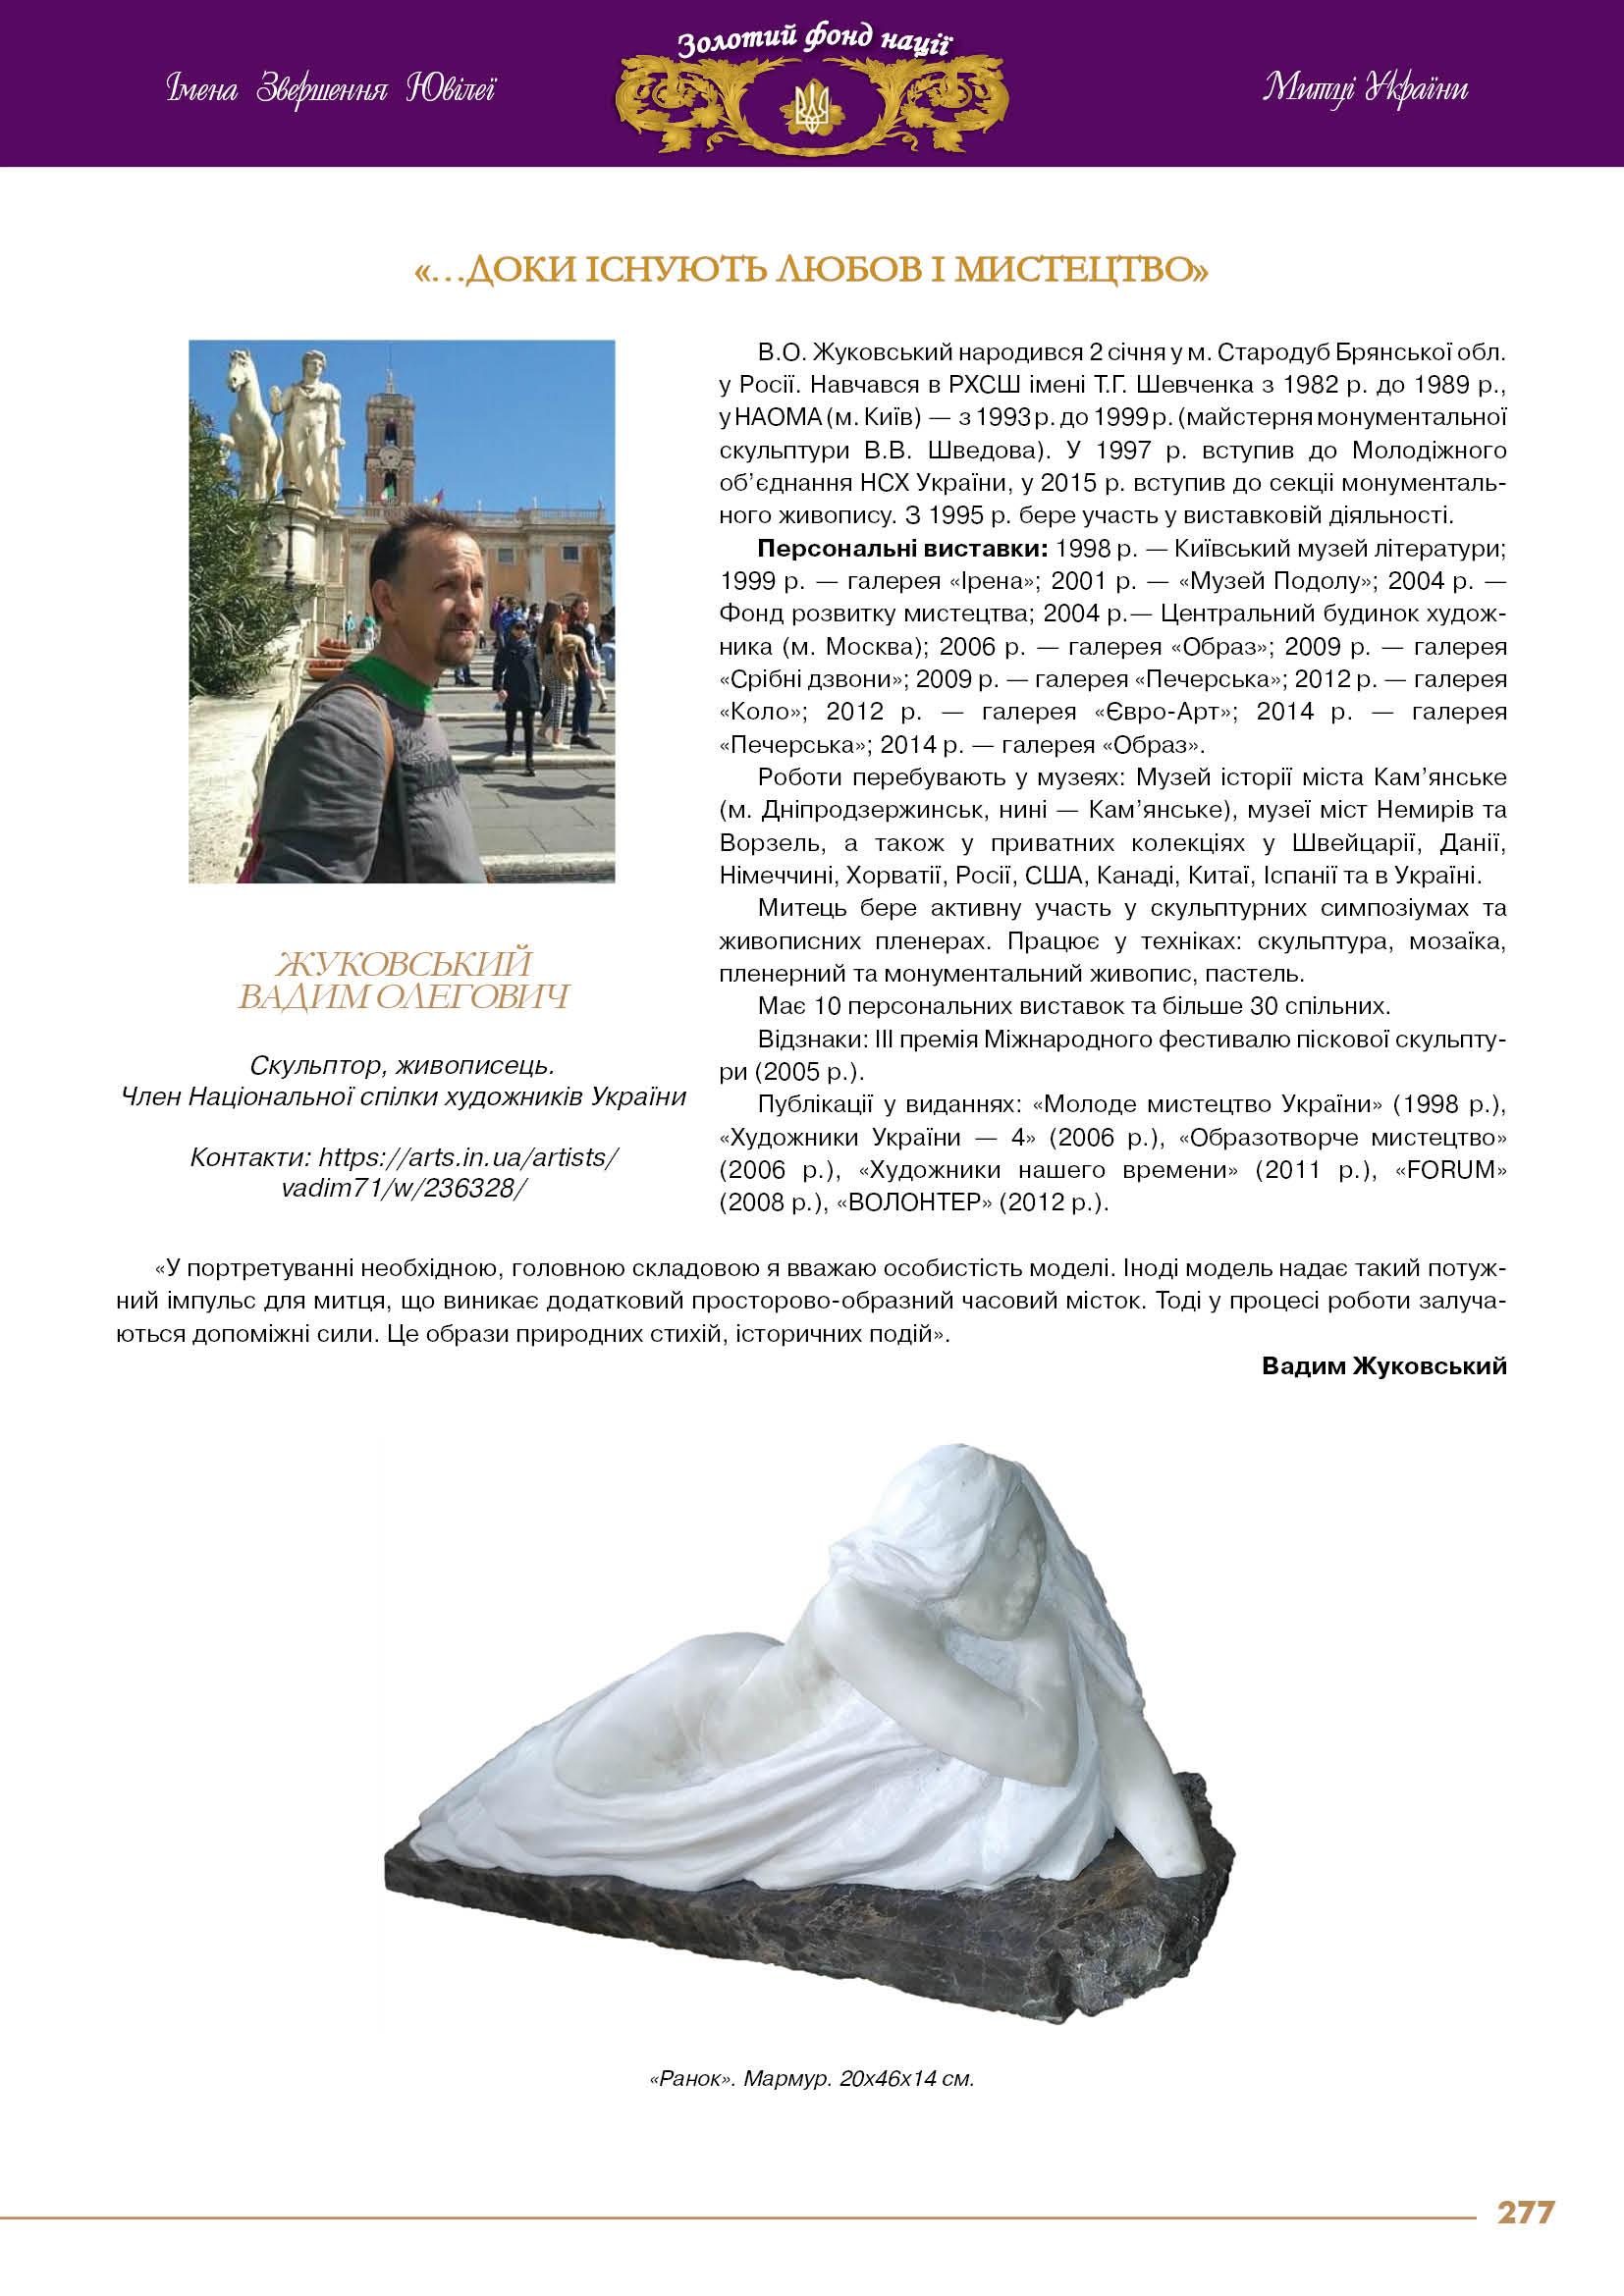 Жуковський  Вадим Олегович